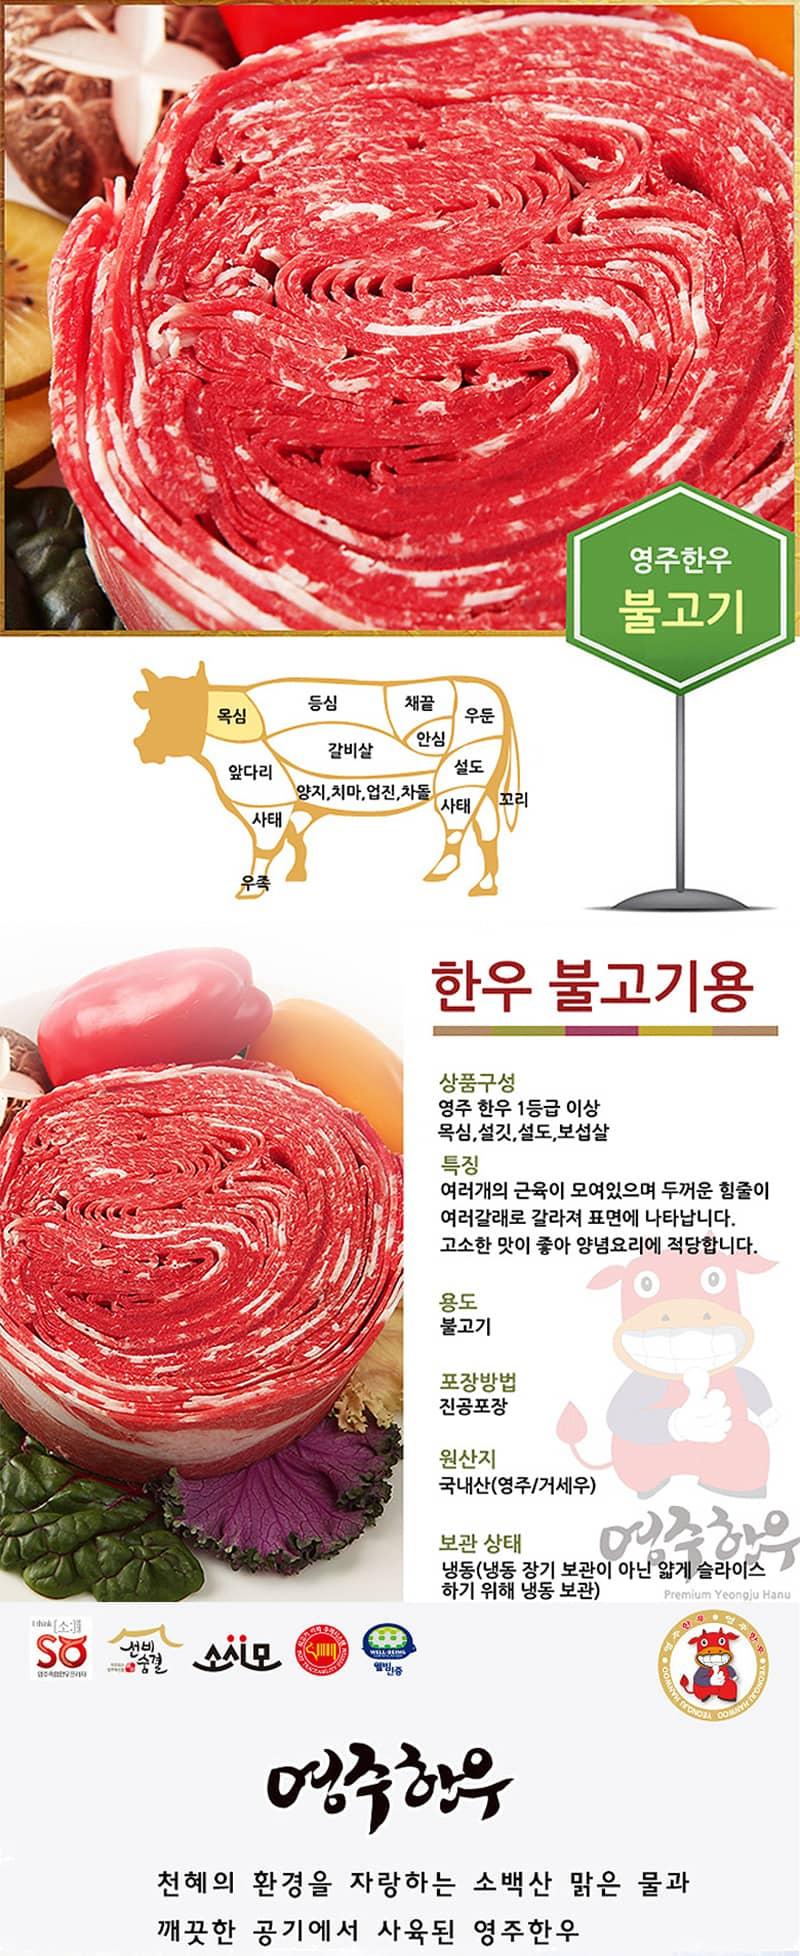 yeongjuchughyeob-yeongju_hanu_teugseon_4ho_detail_800_3.jpg